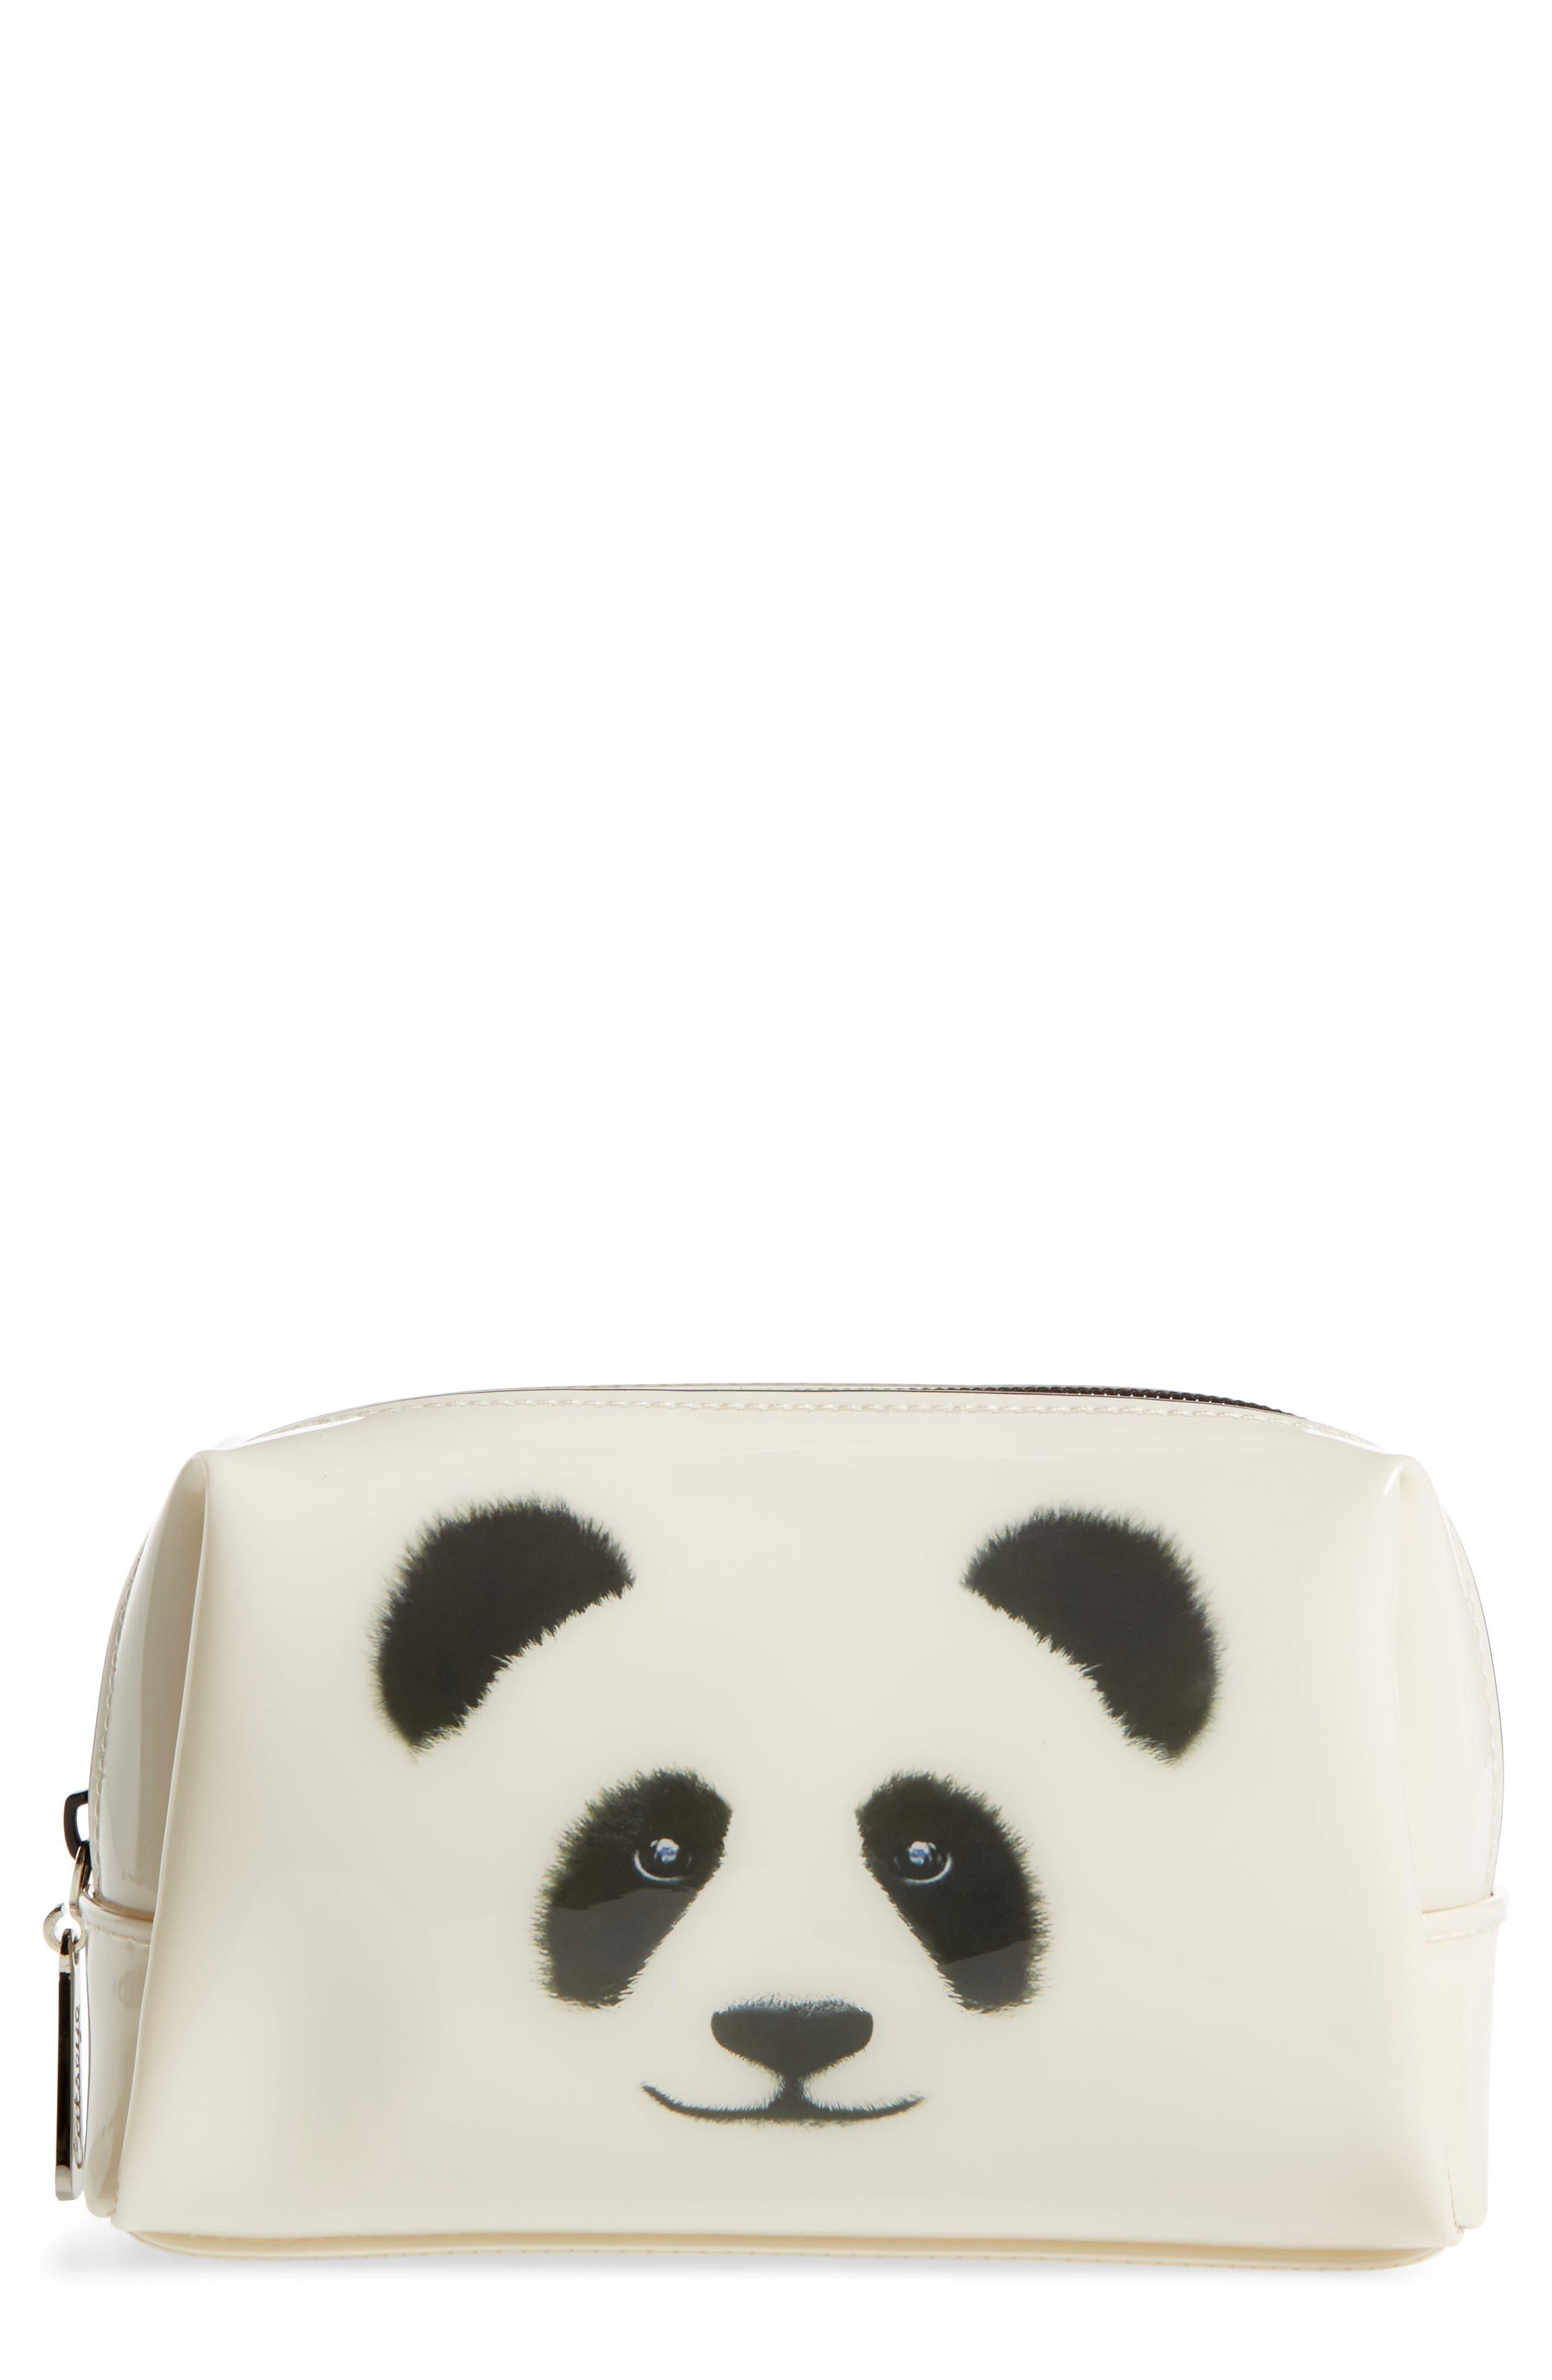 Main Image - Catseye London Monochrome Panda Cosmetics Case